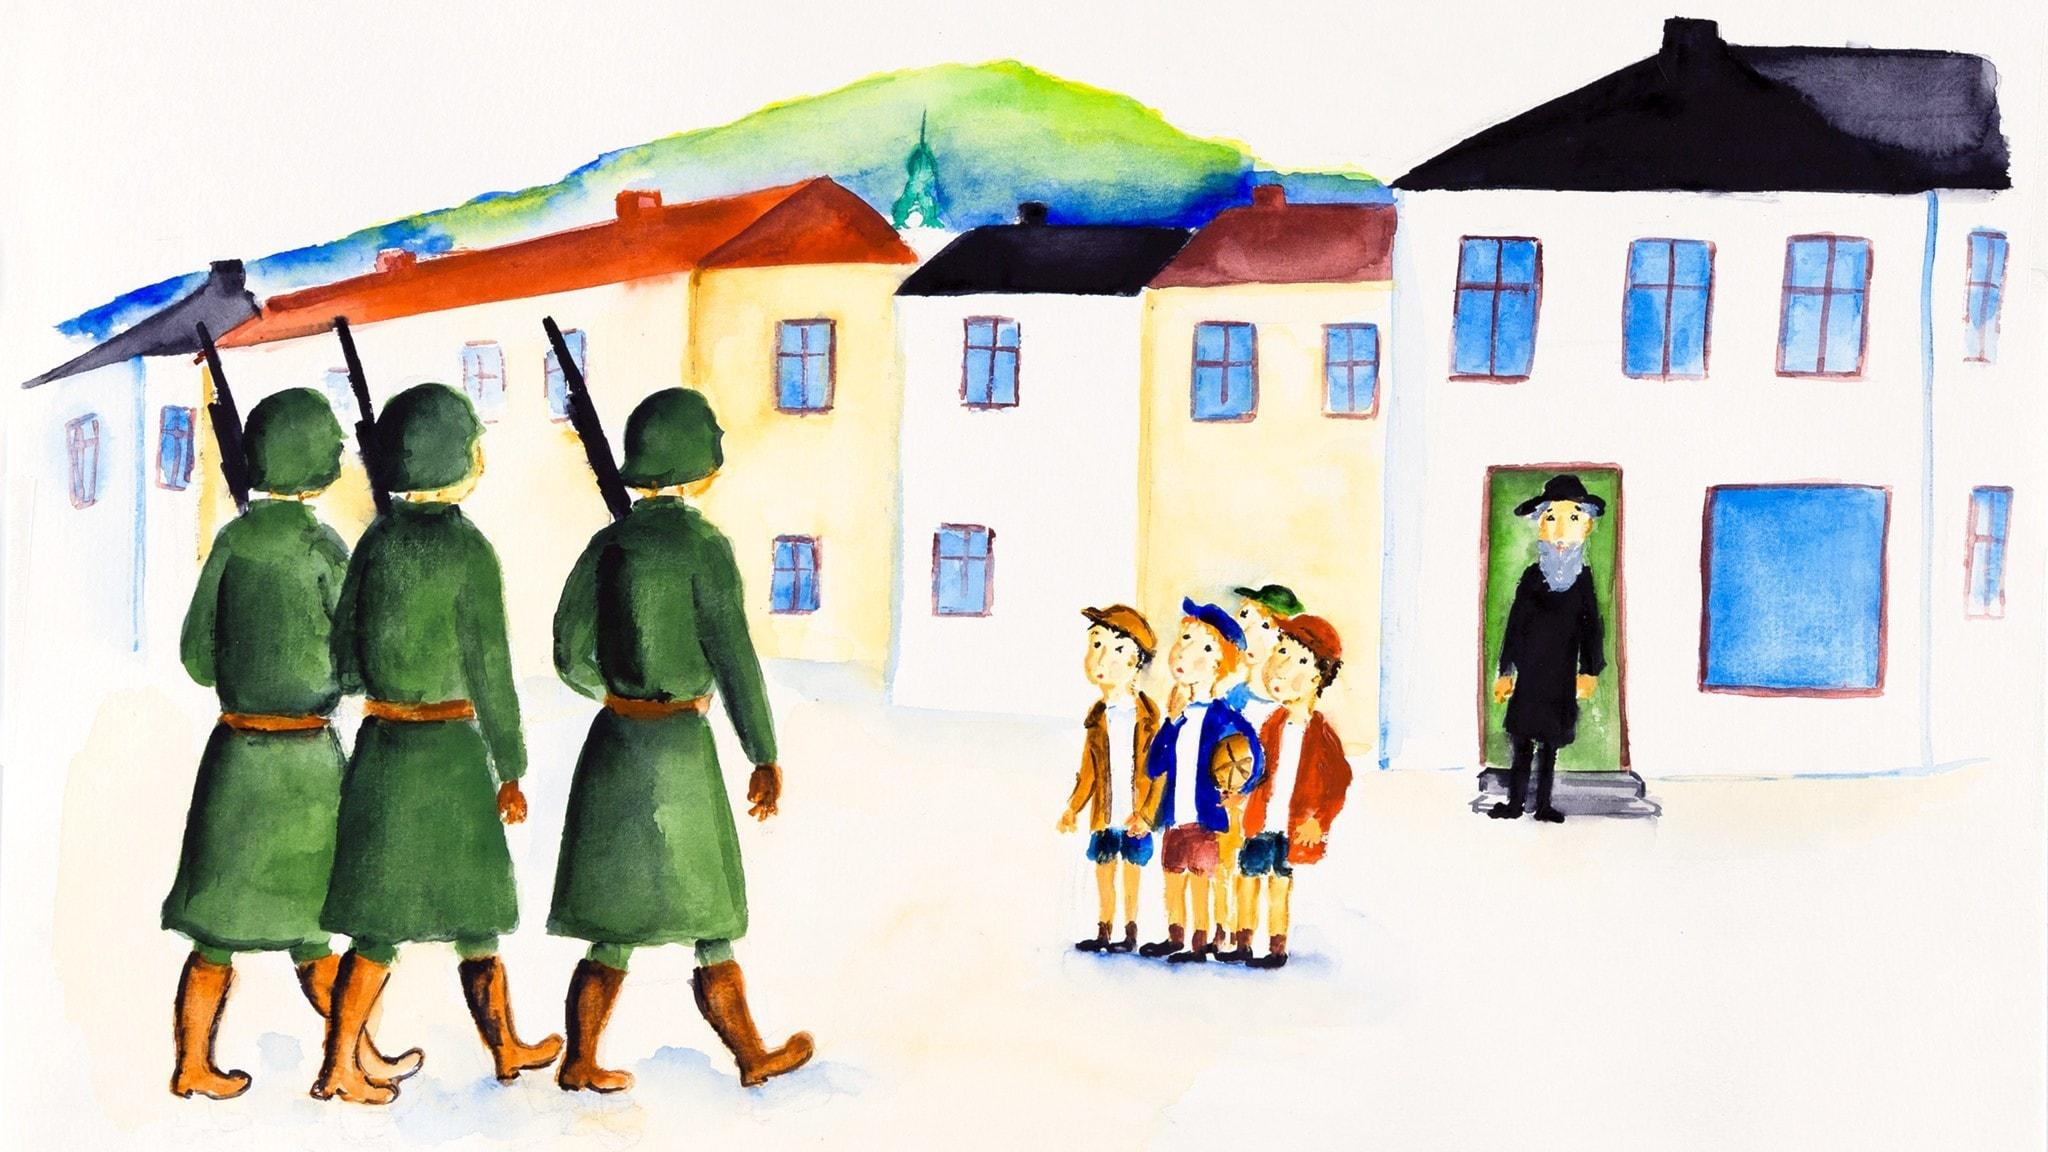 Soldaterna kommer till staden. Bild: Rebecka Lagercrantz